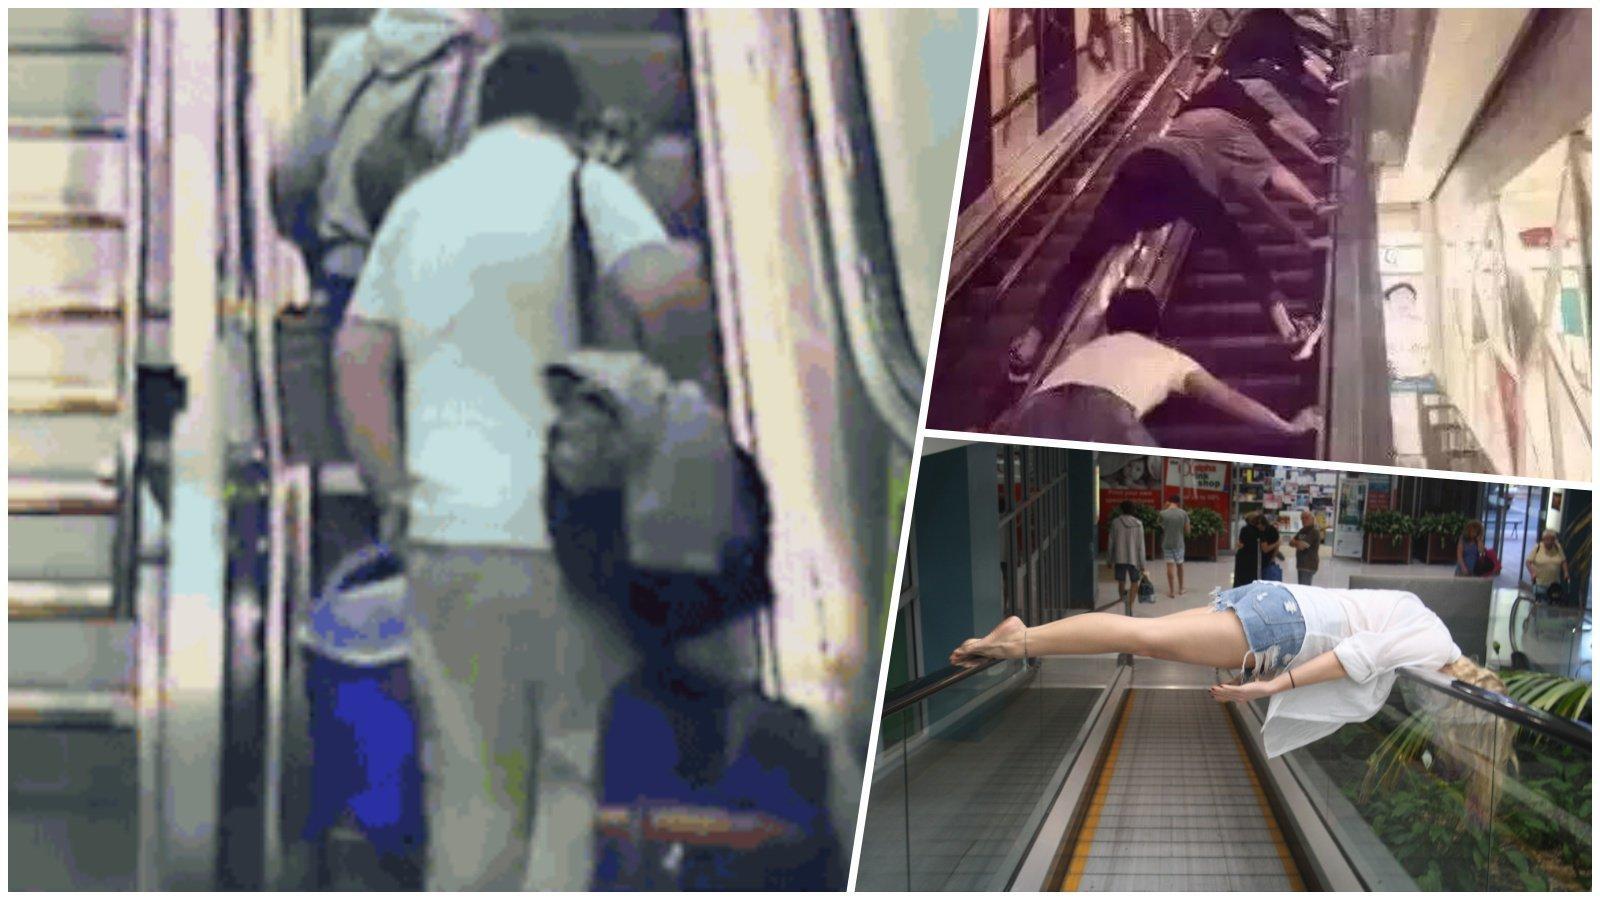 20+ гифок об очень странных людях на эскалаторах (1фото+22гиф)